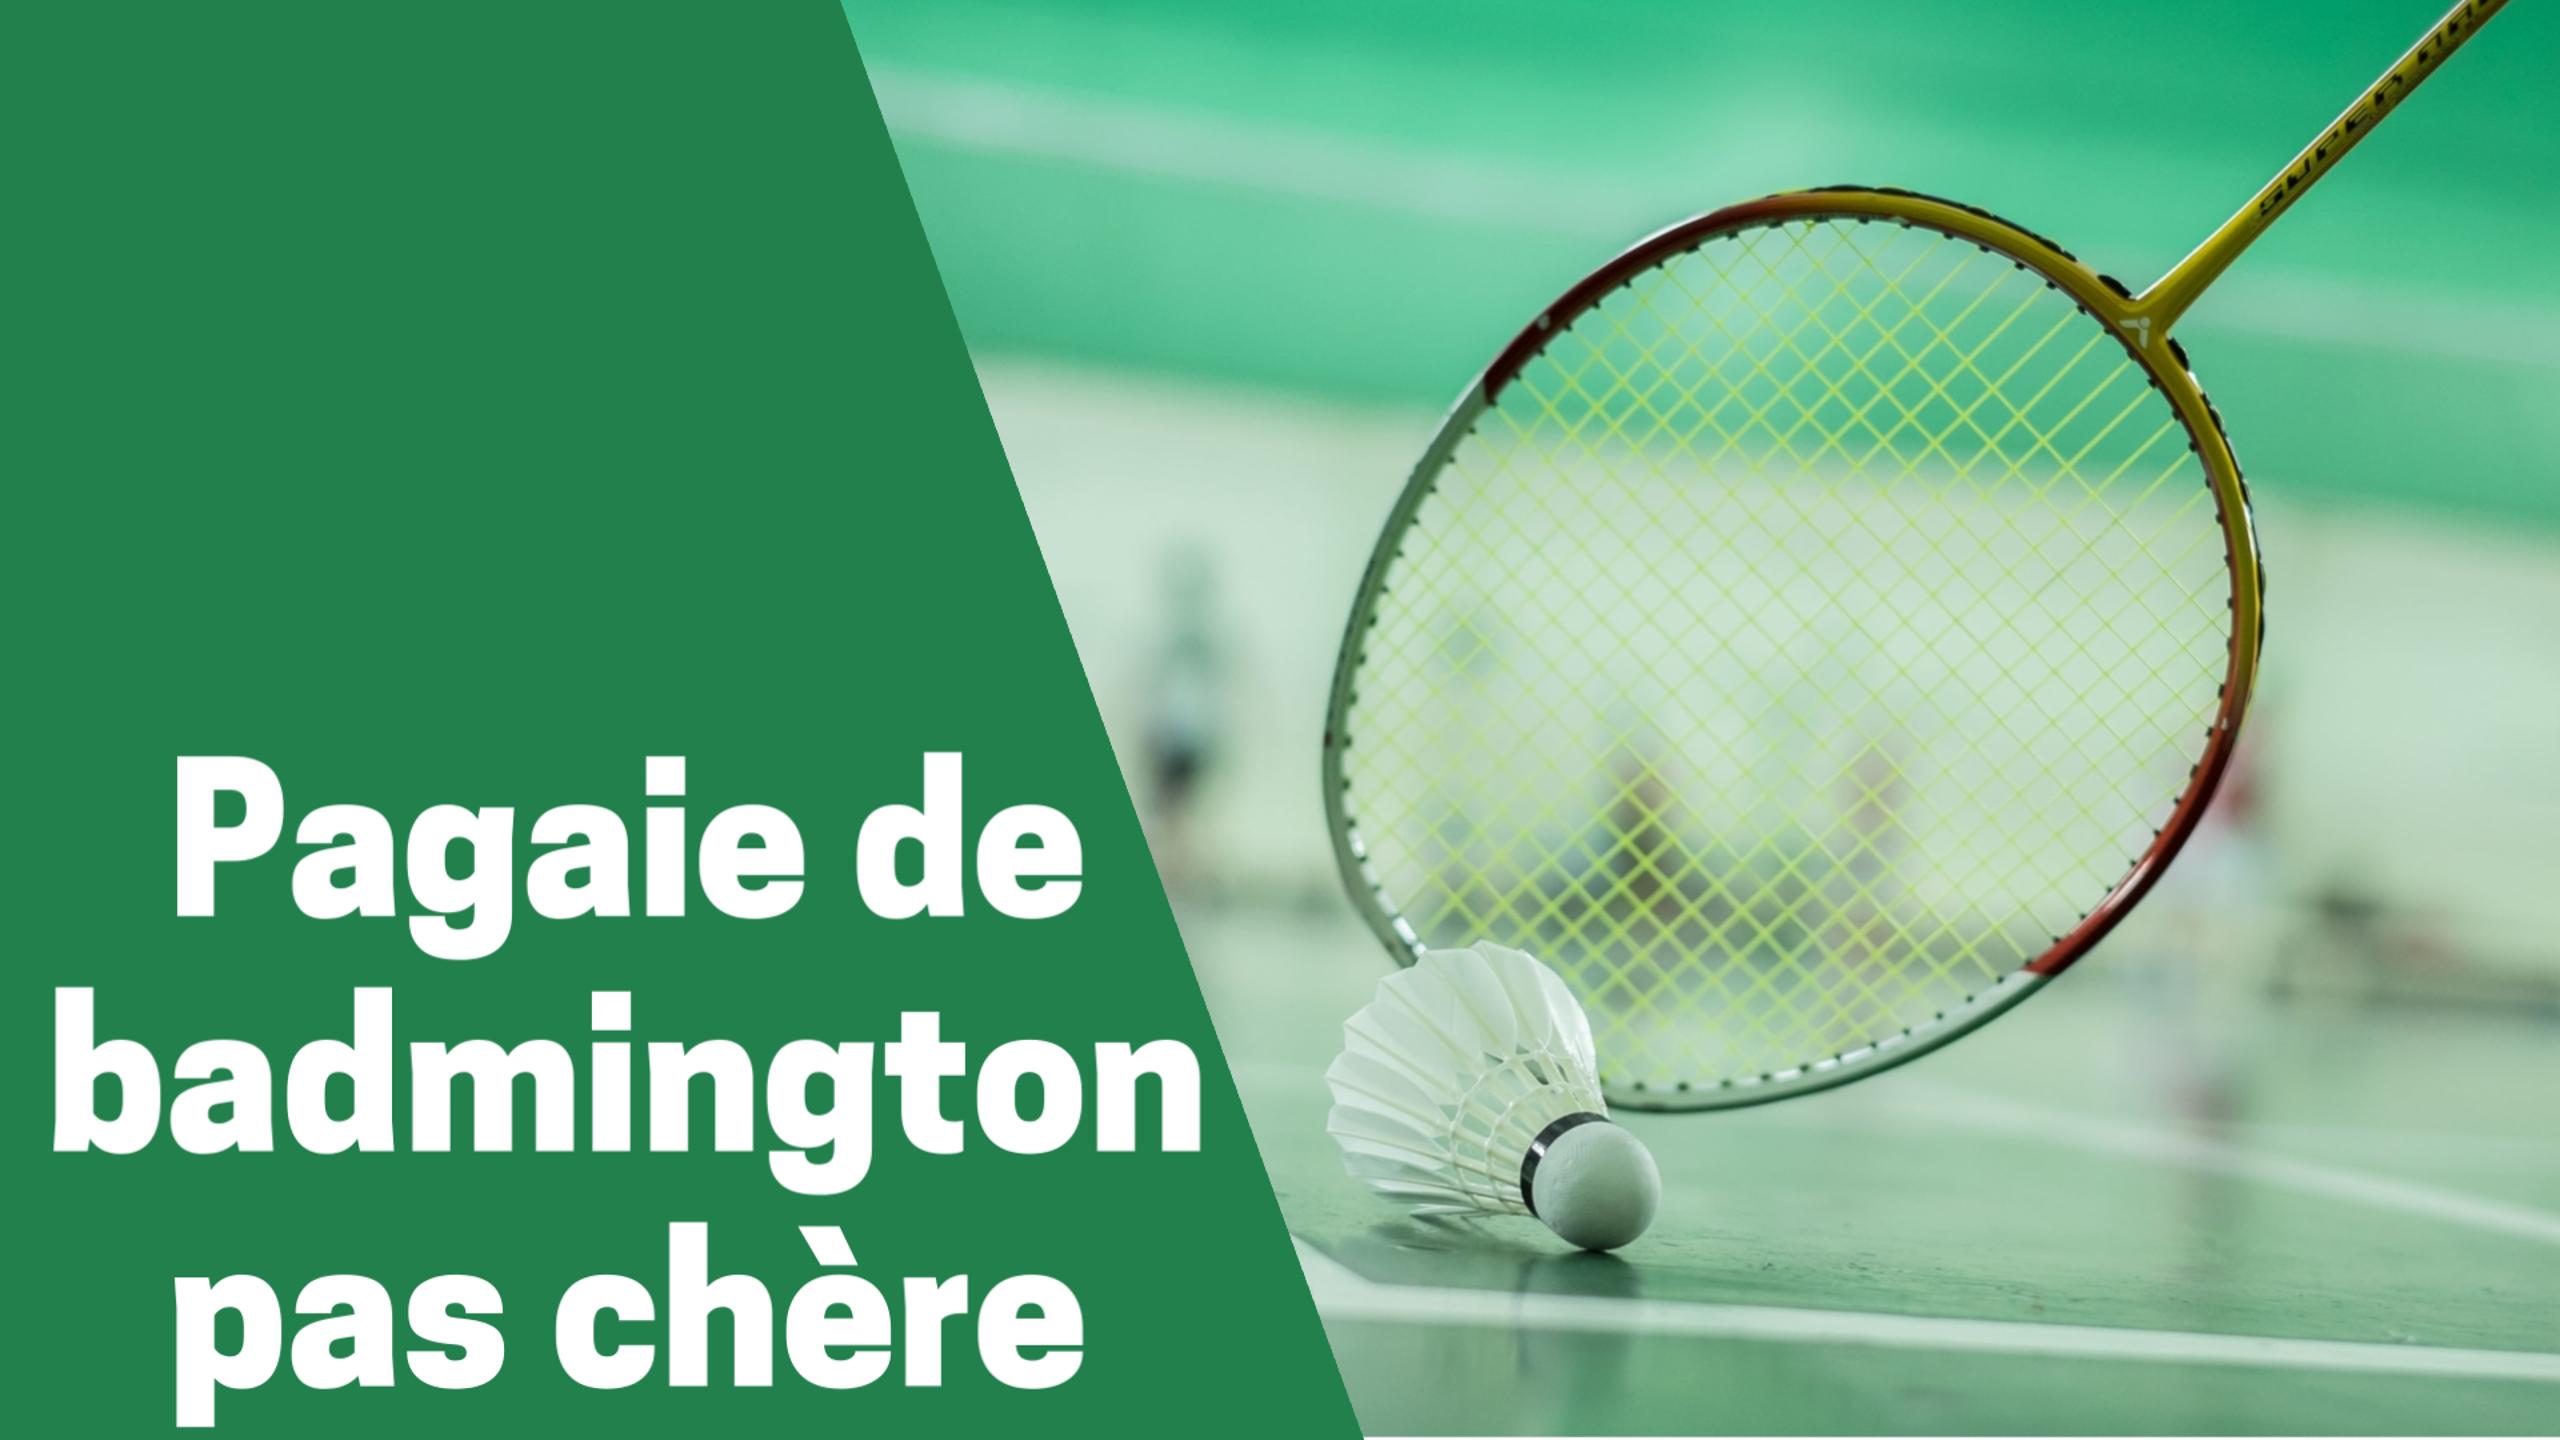 selection des meilleures pagaies ou raquettes de badminton pas cheres comparatif guide achat avis test